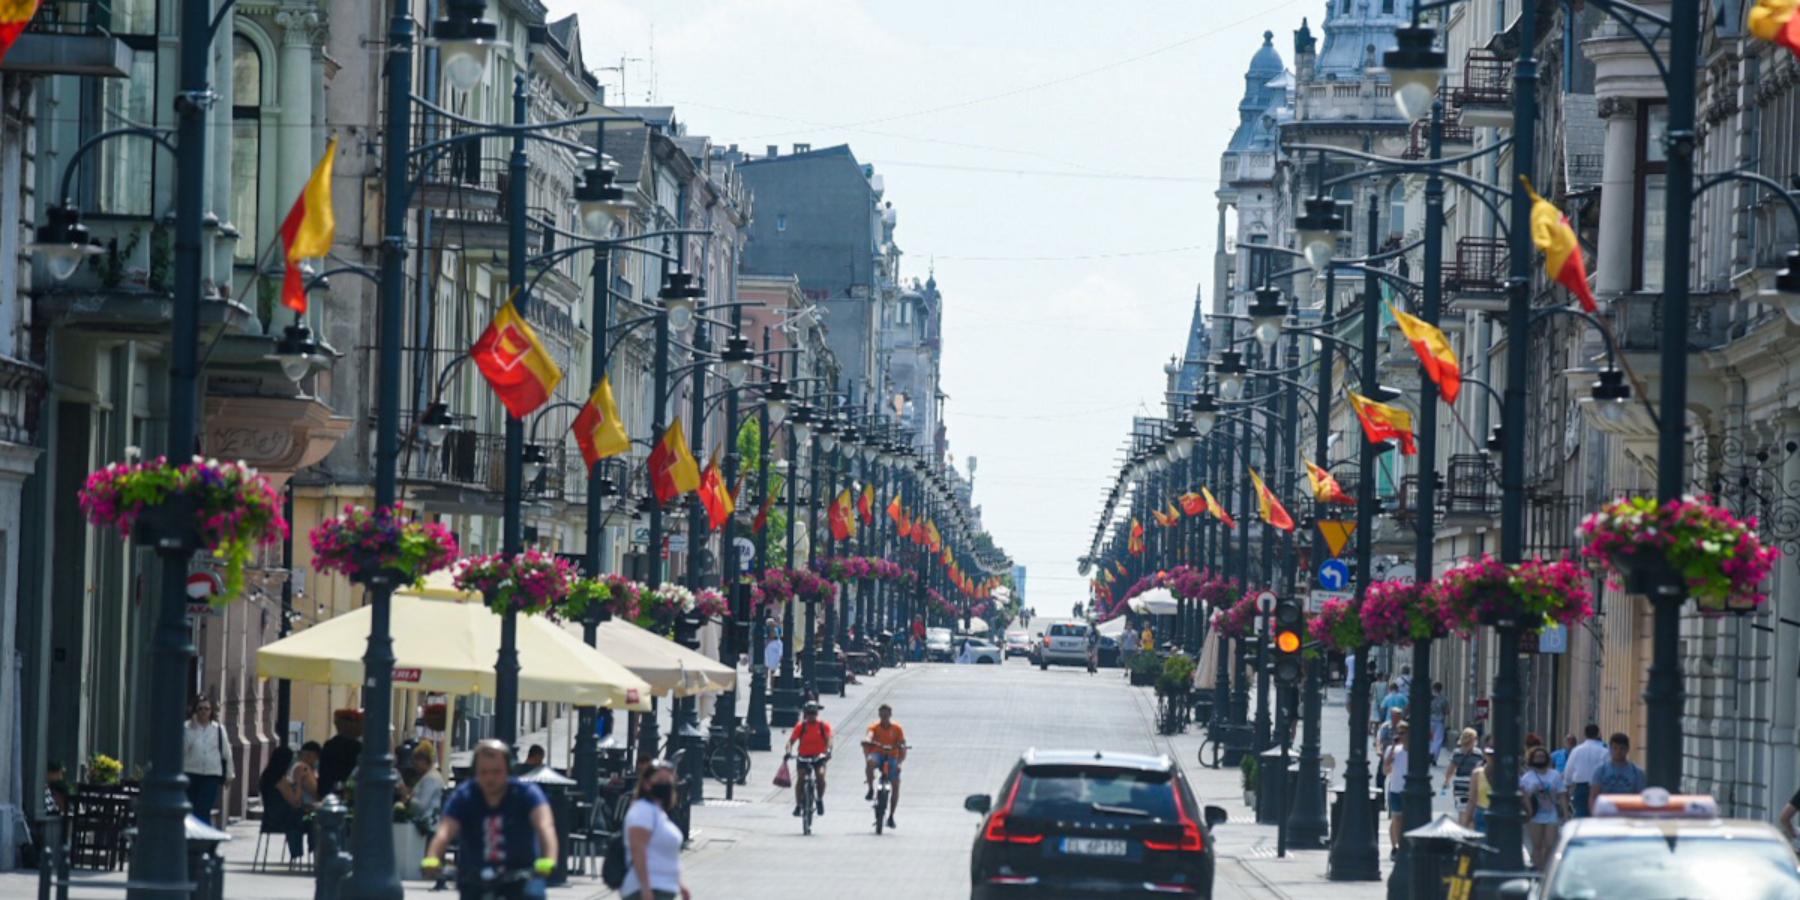 Łódź najprzyjaźniejszym miastem dla biznesu wEuropie Środkowo-Wschodniej. Dlaczego warto otworzyć tu startup?